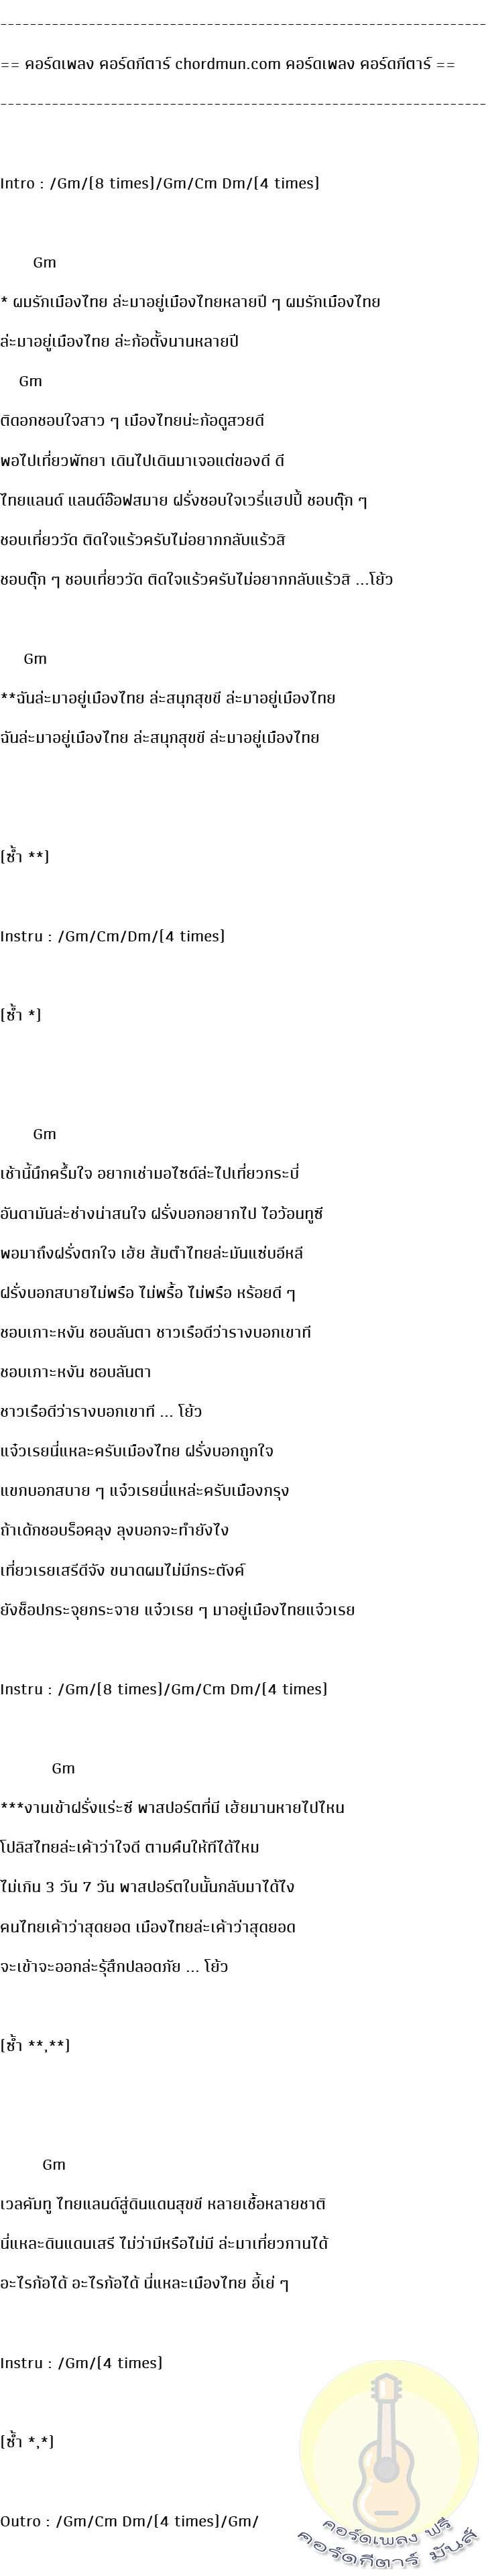 คอร์ดกีต้า ง่ายๆ  เพลง ผมรักเมืองไทย